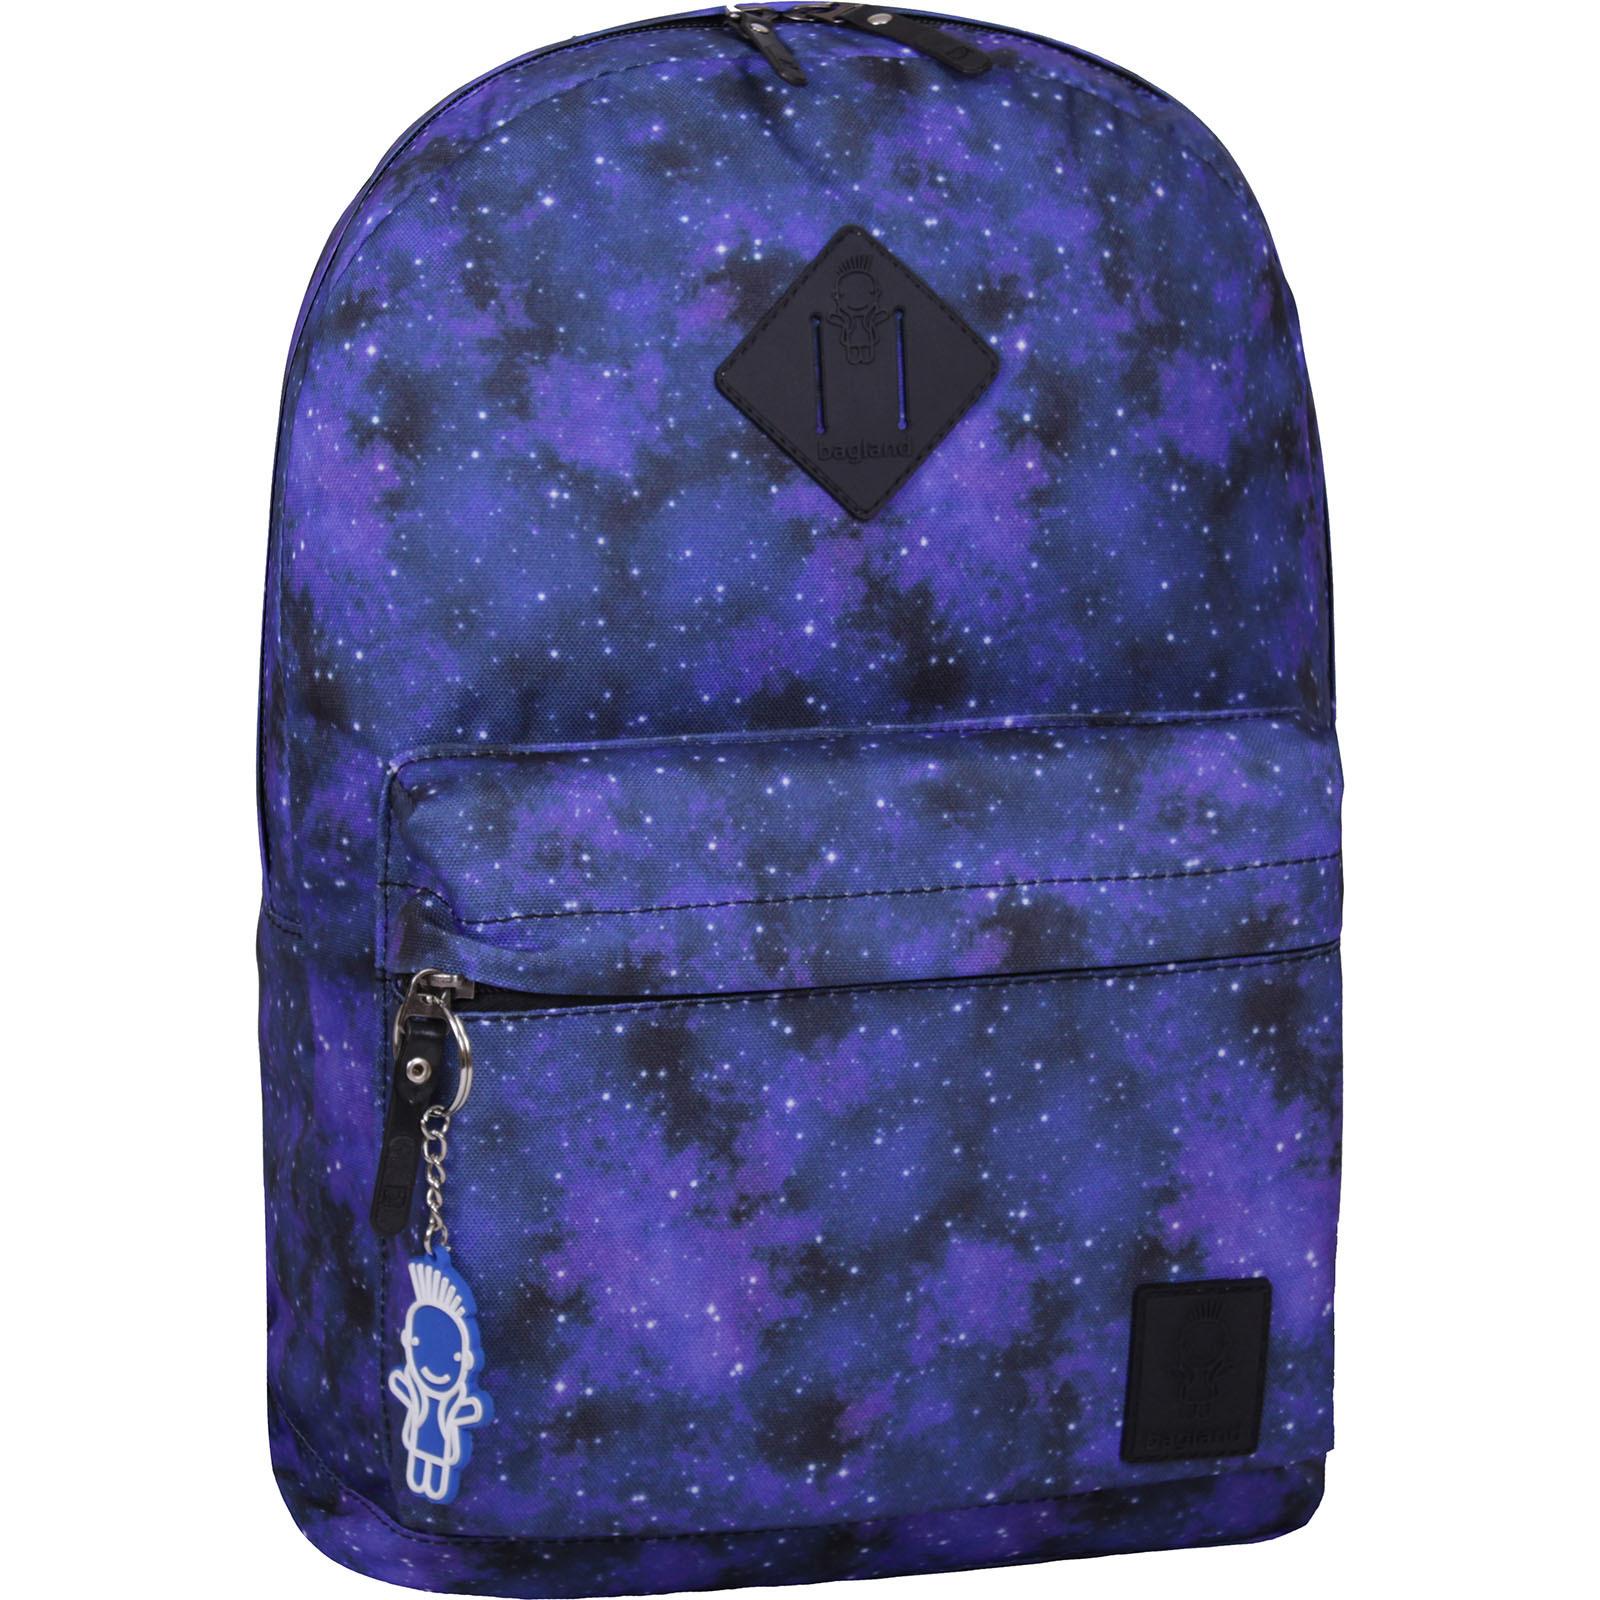 Городские рюкзаки Рюкзак Bagland Молодежный (дизайн) 17 л. сублимация (космос) (00533664) IMG_3742.JPG